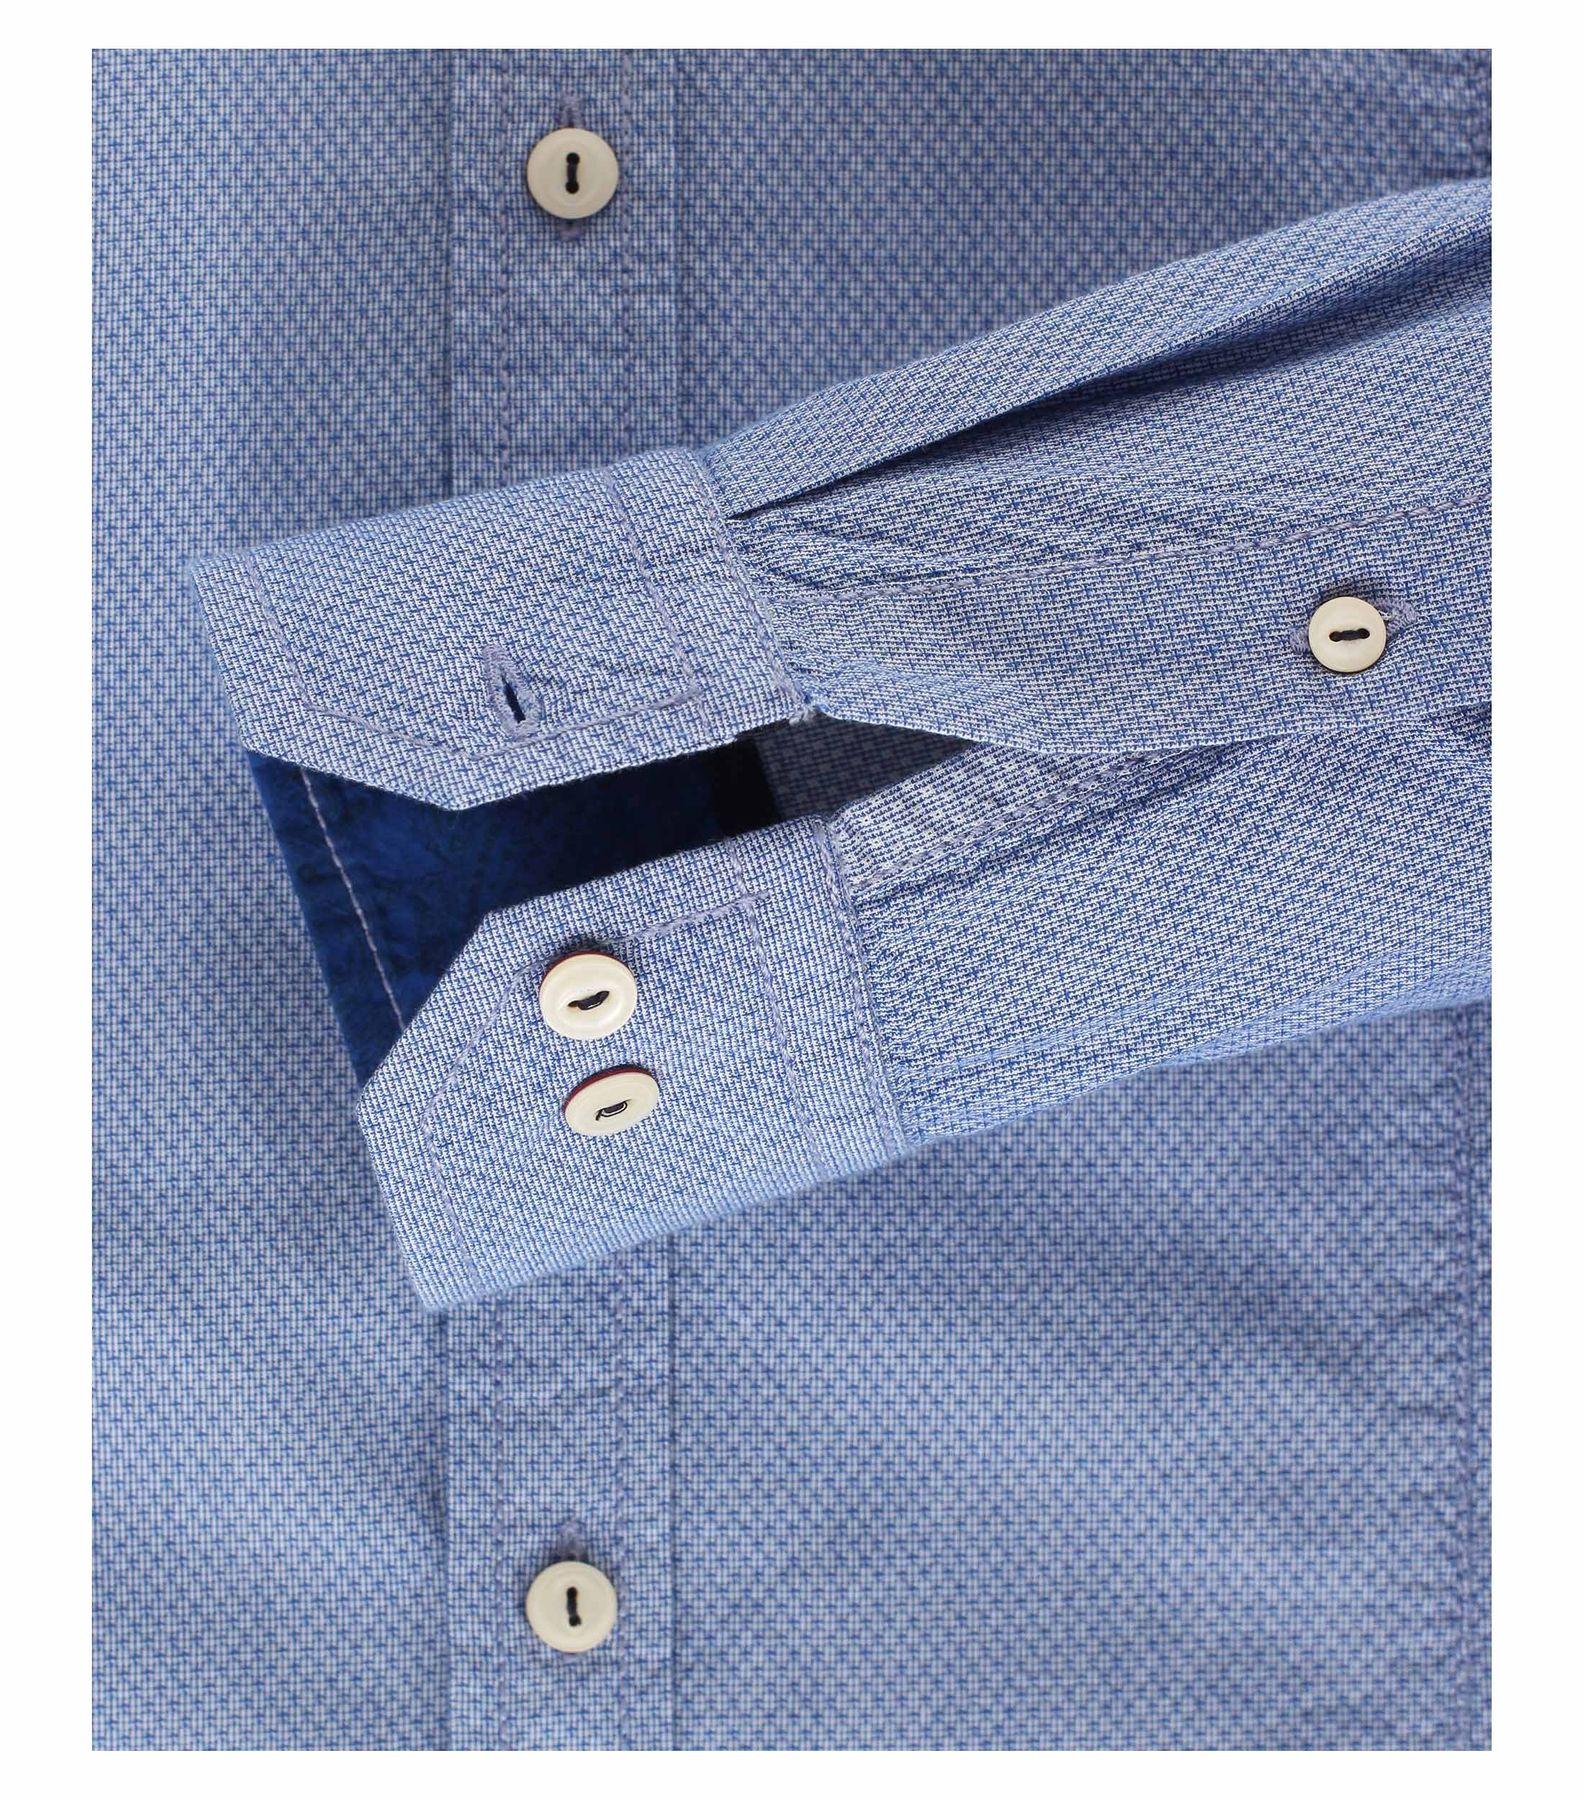 Venti - Slim Fit - Herren Langarm Hemd aus 100% Baumwolle mit Kent Kragen (162538400 A) – Bild 4